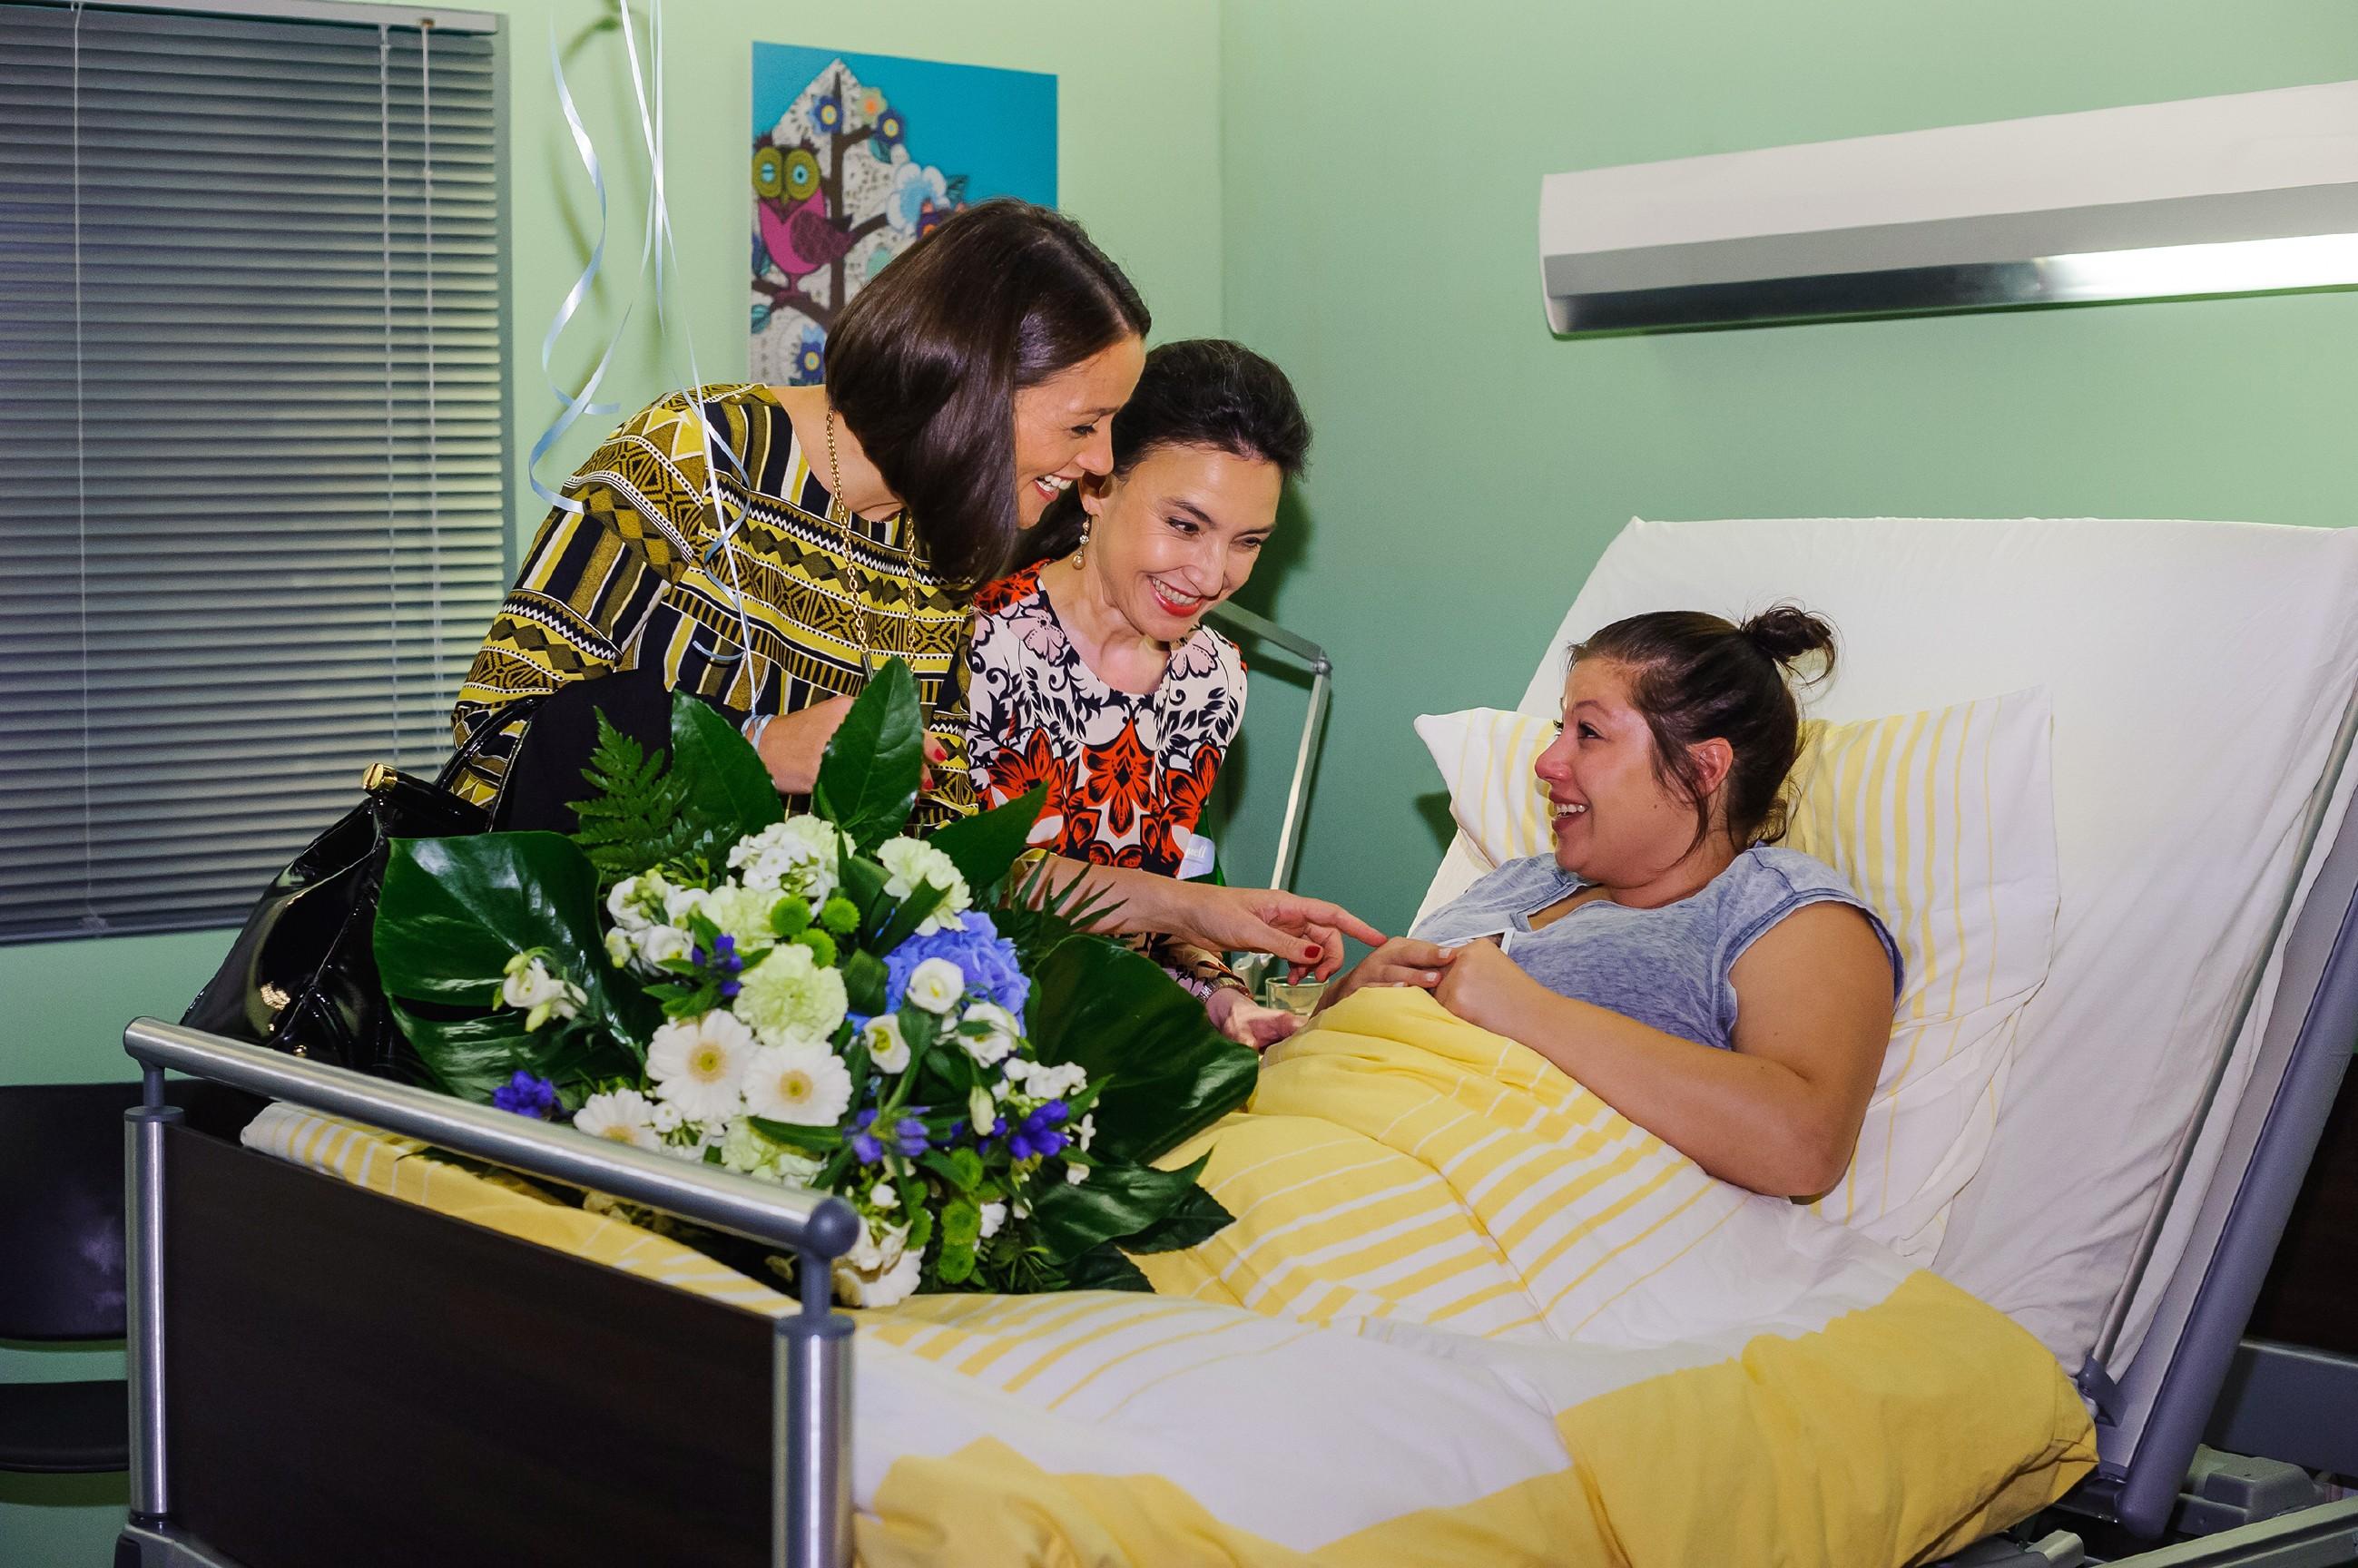 Jenny (Kaja Schmidt-Tychsen, l.) und Simone (Tatjana Clasing, M.) gratulieren Vanessa (Julia Augustin) zur Geburt ihres Babys und versuchen sie bezüglich der gefürchteten Herz-Untersuchung zu beruhigen. (Quelle: RTL / Julia Feldhagen)